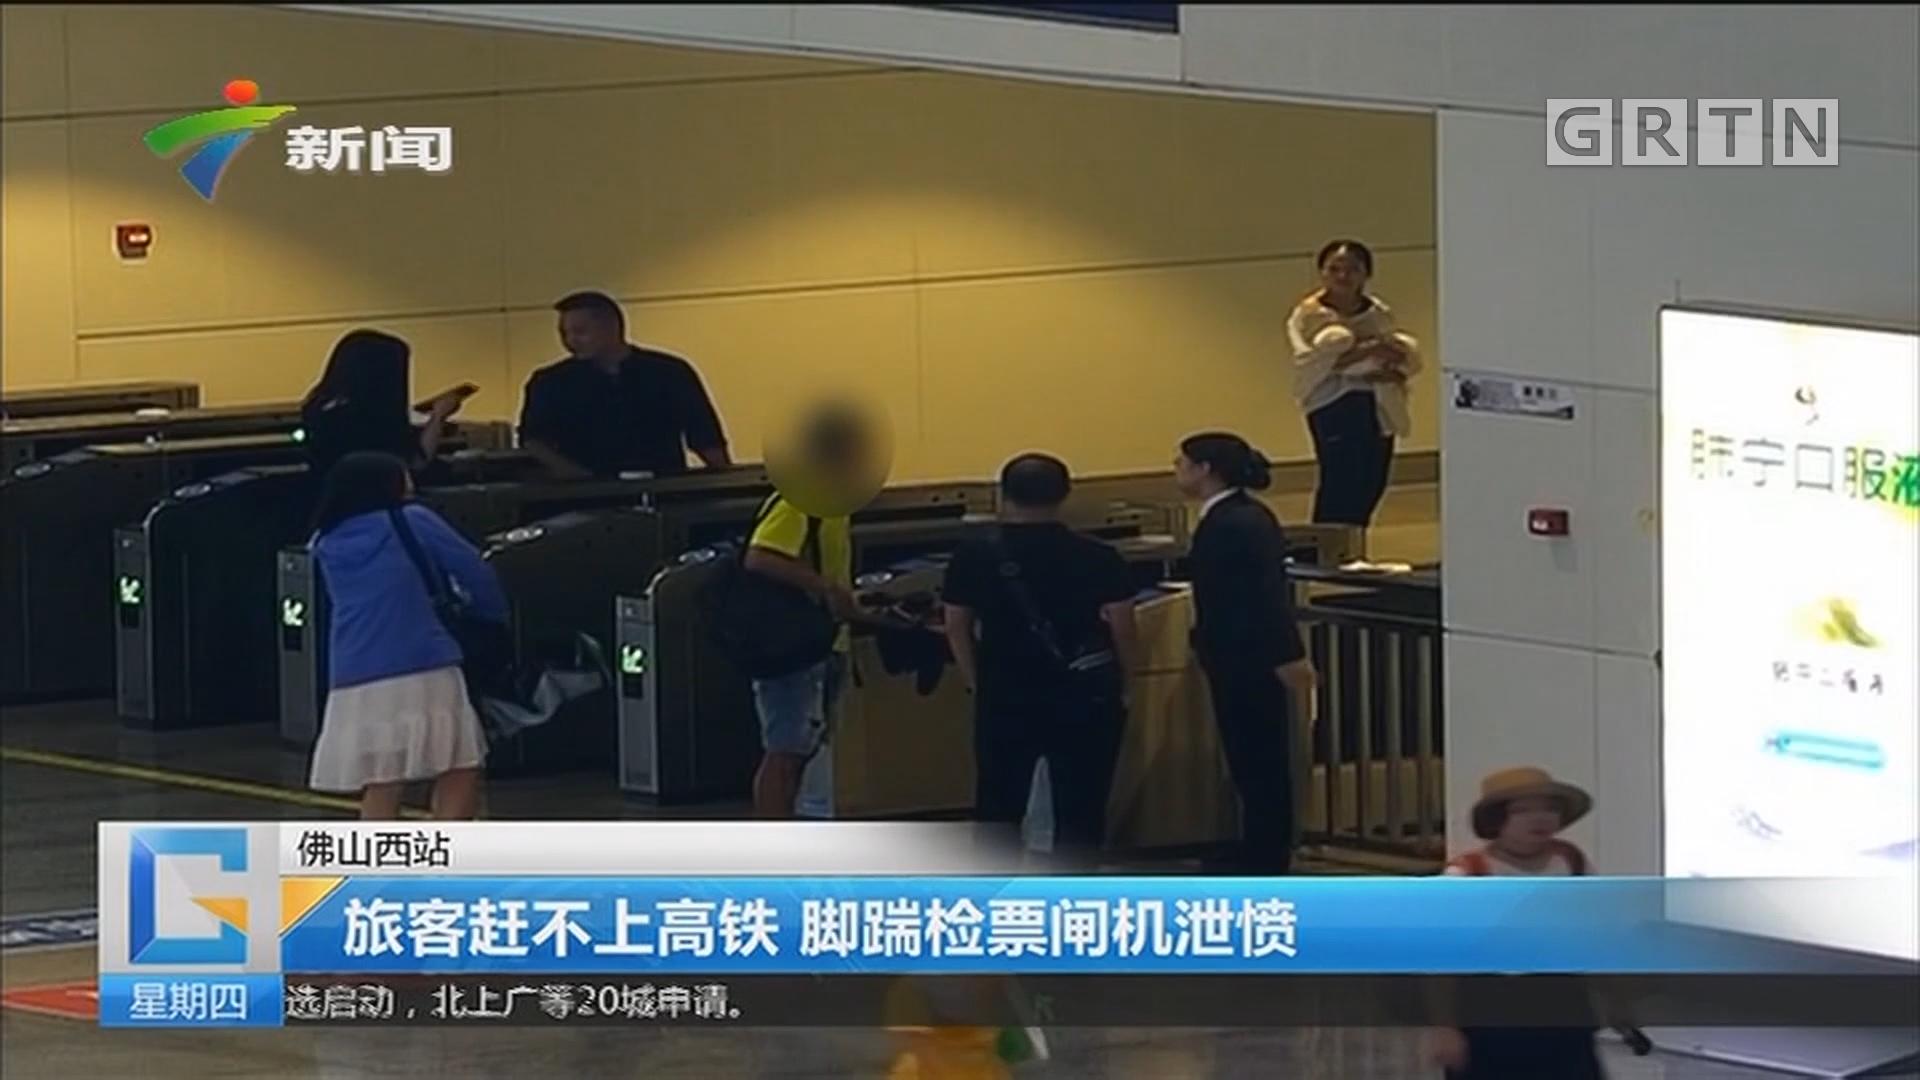 佛山西站:旅客赶不上高铁 脚踹检票闸机泄愤